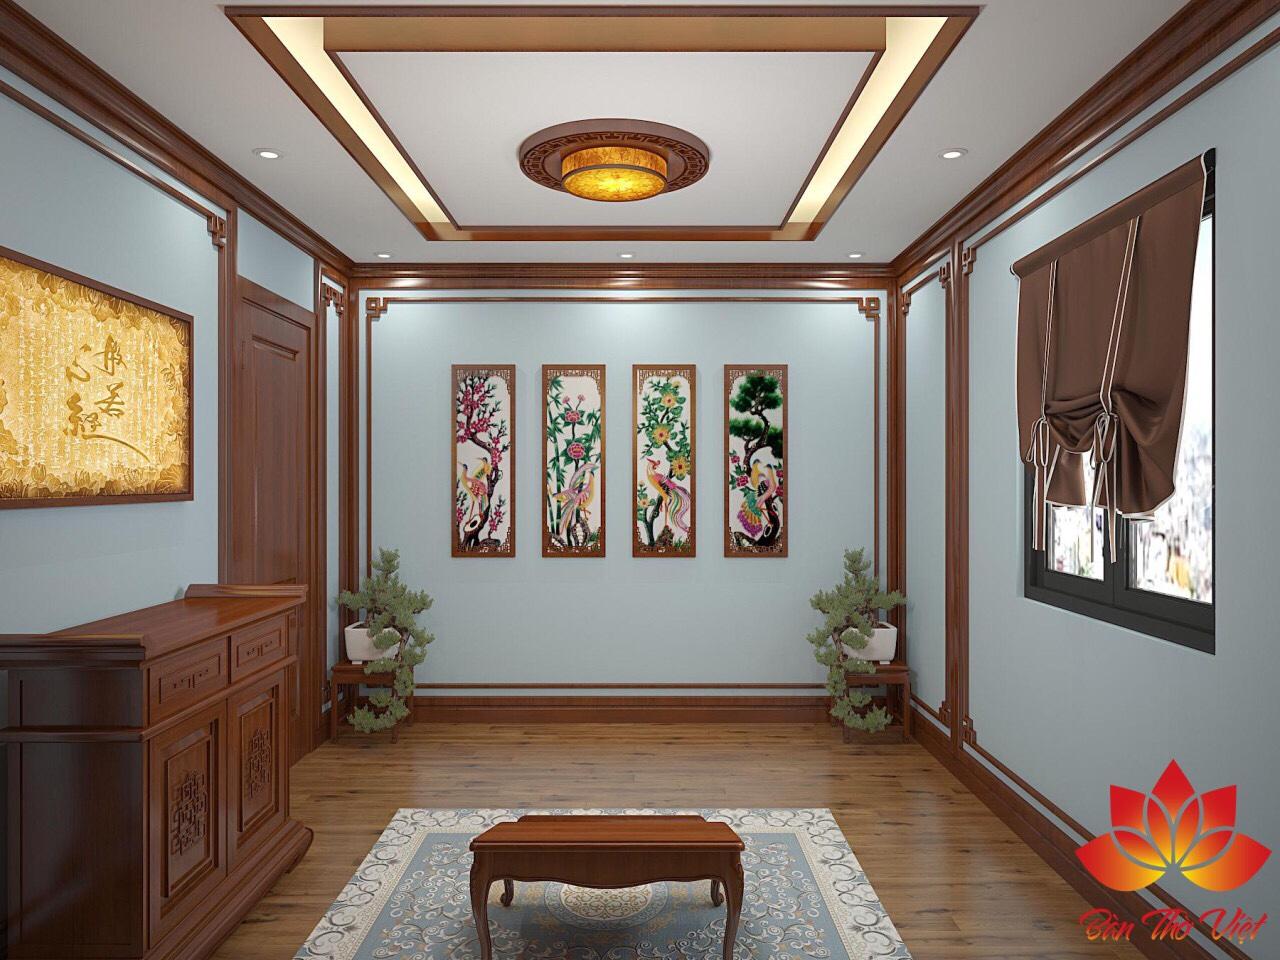 Gợi ý những mẫu thiết kế nội thất phòng thờ đẹp, hiện đại nhất 2019